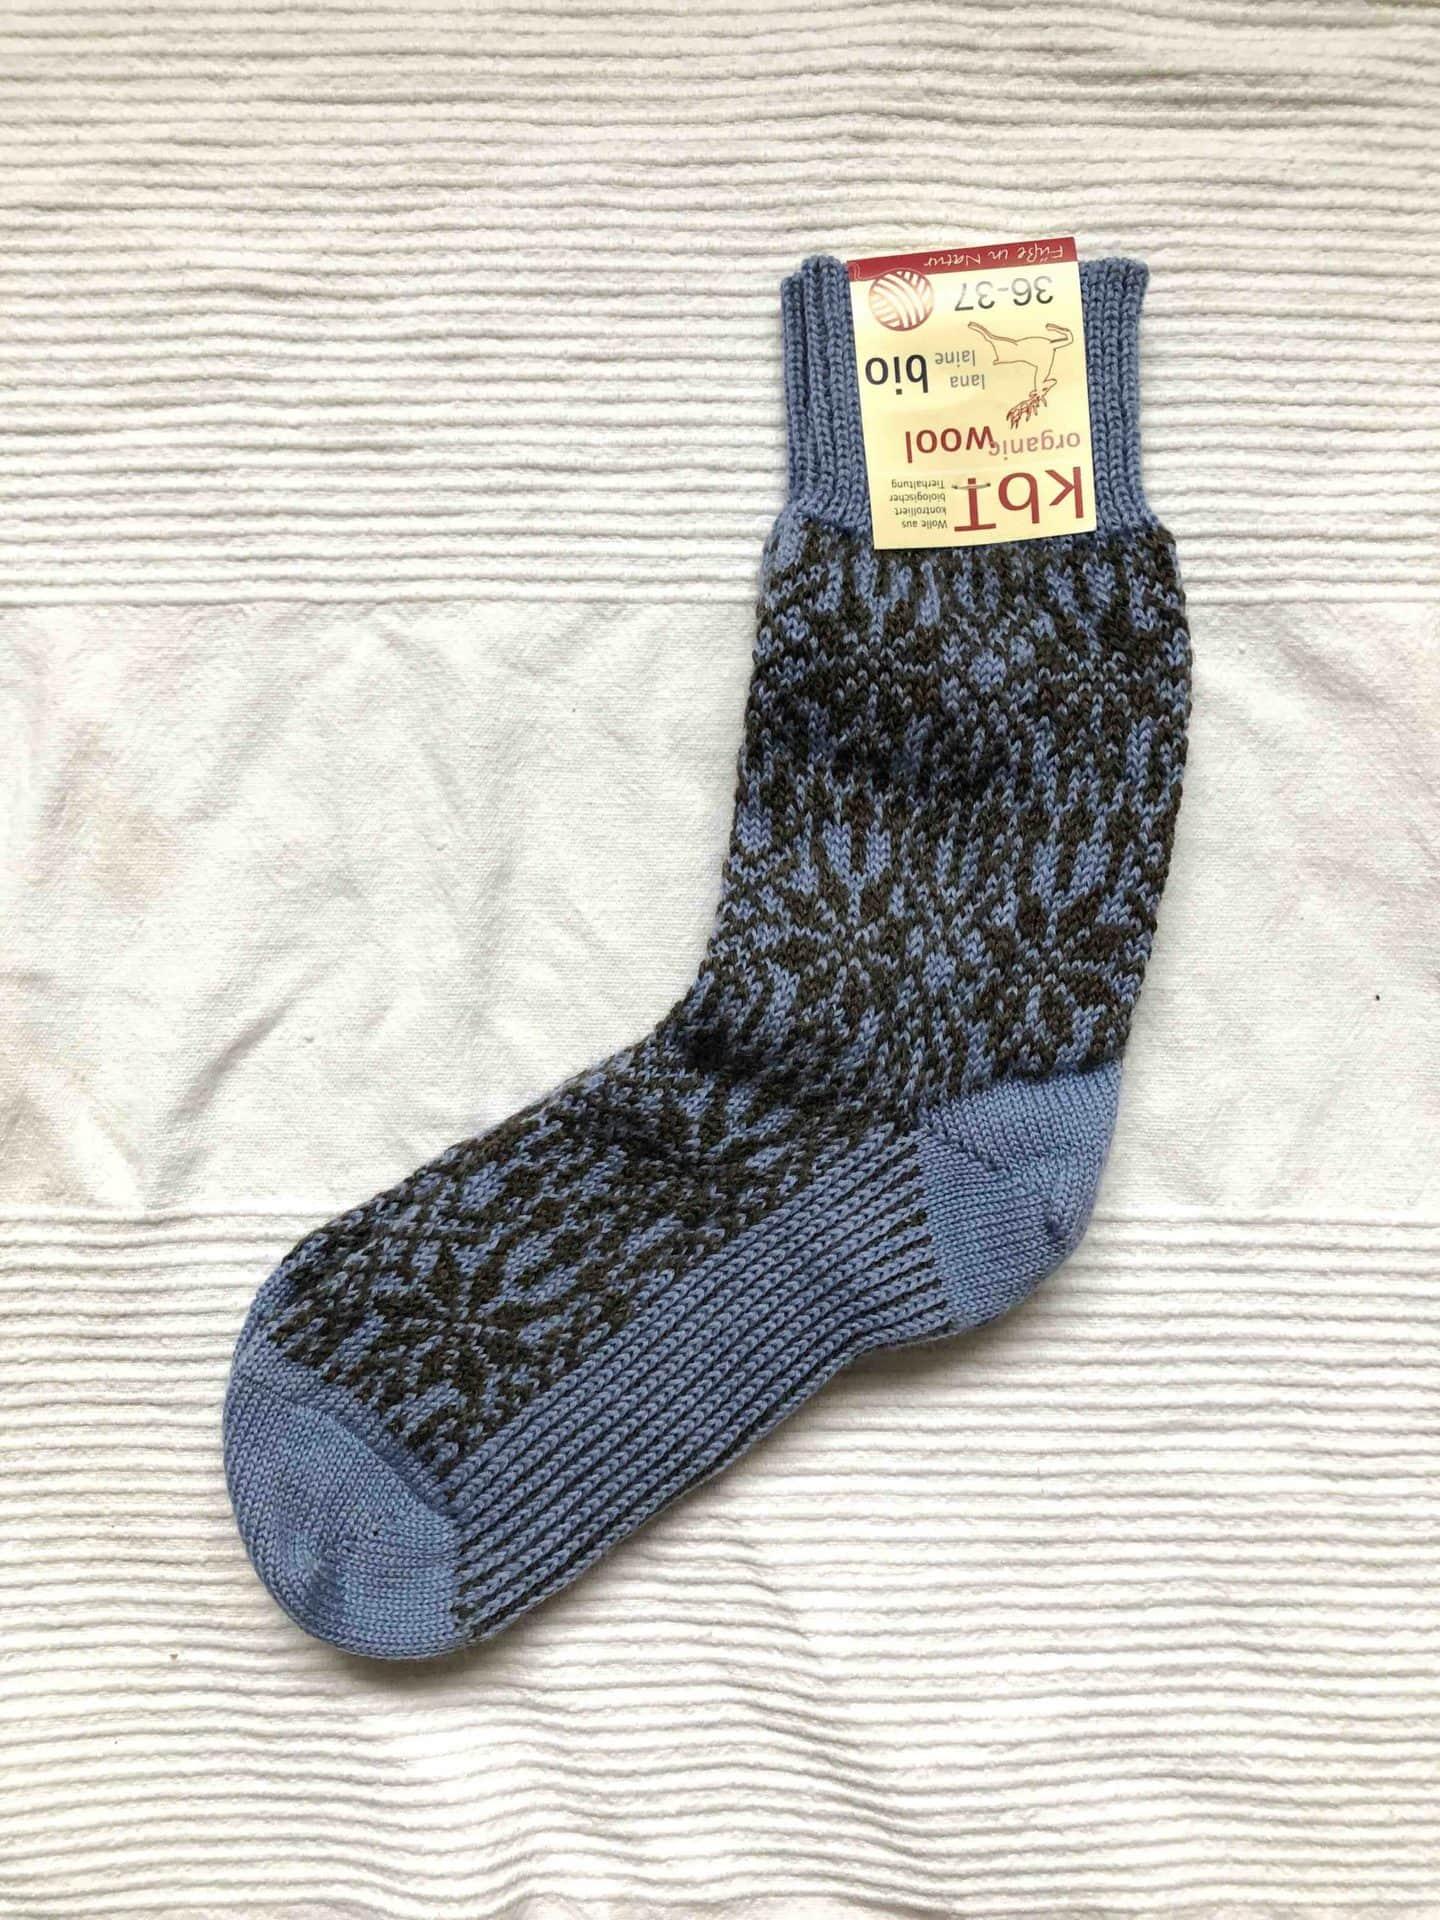 Wool socks brown/blue